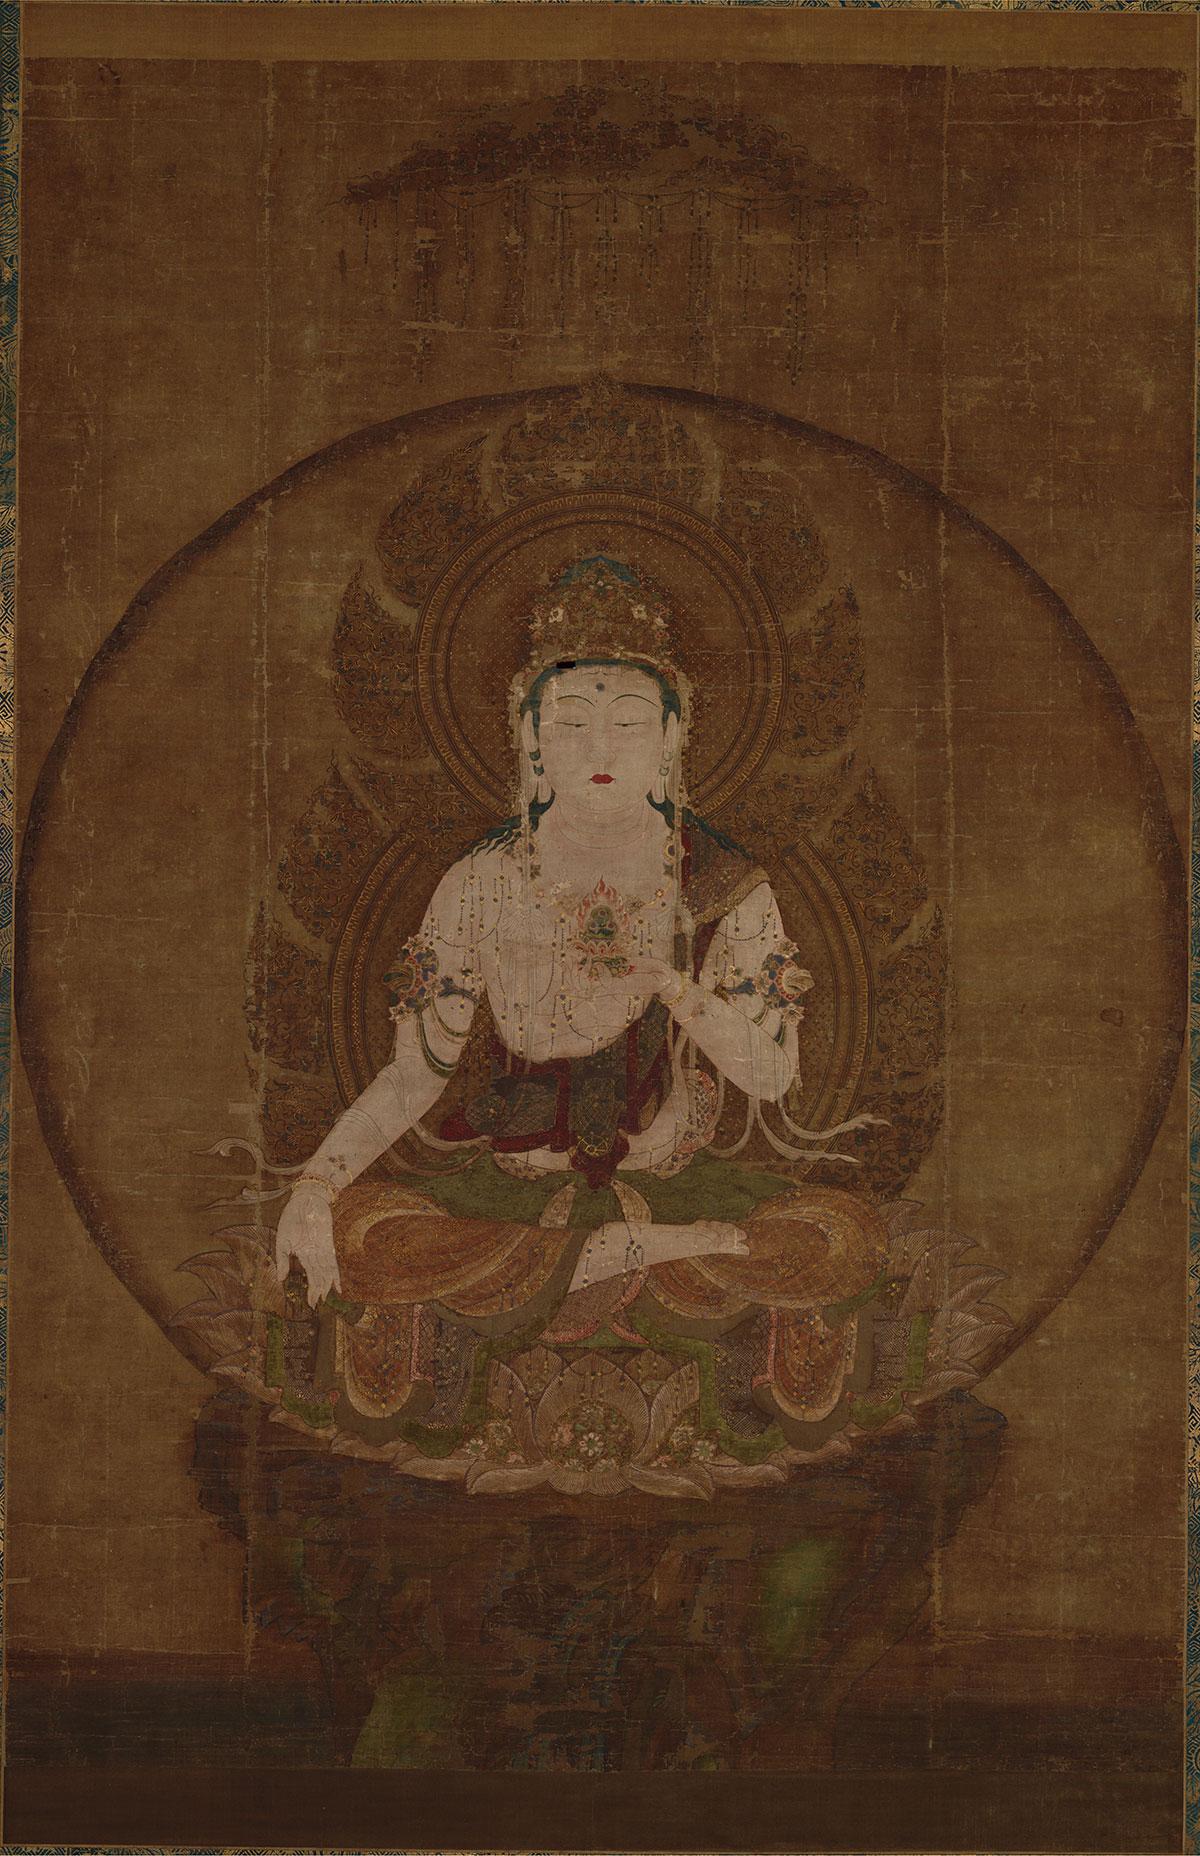 日本 虚空藏菩萨像